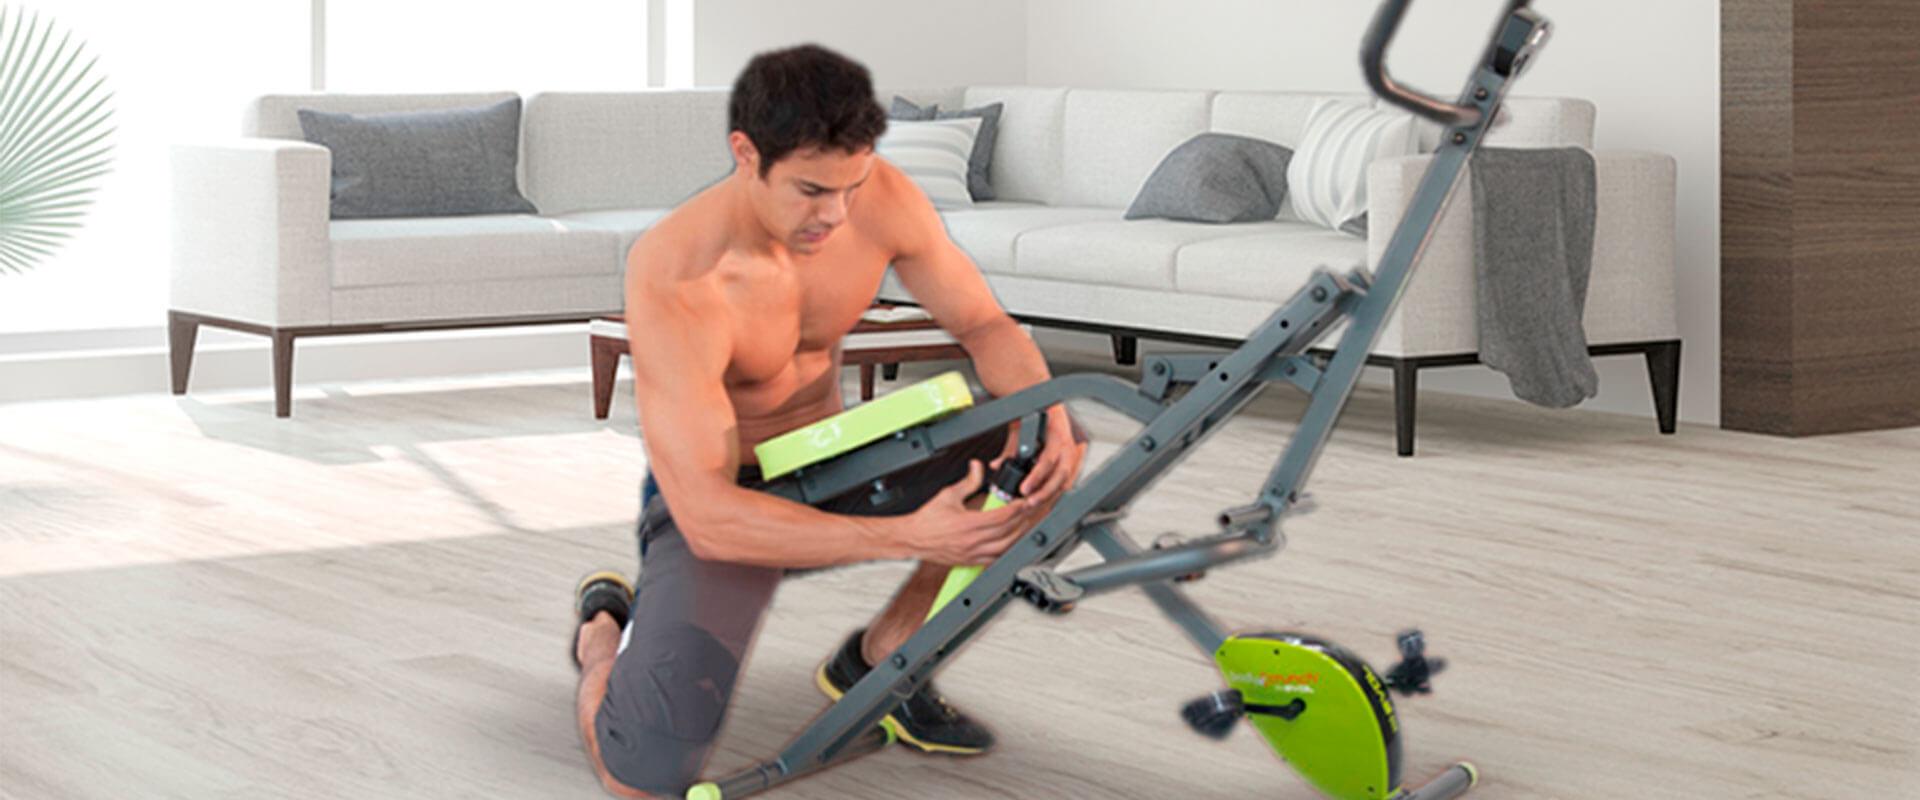 Hombre ajustando su Body Crunch Evolution en la sala de su casa.